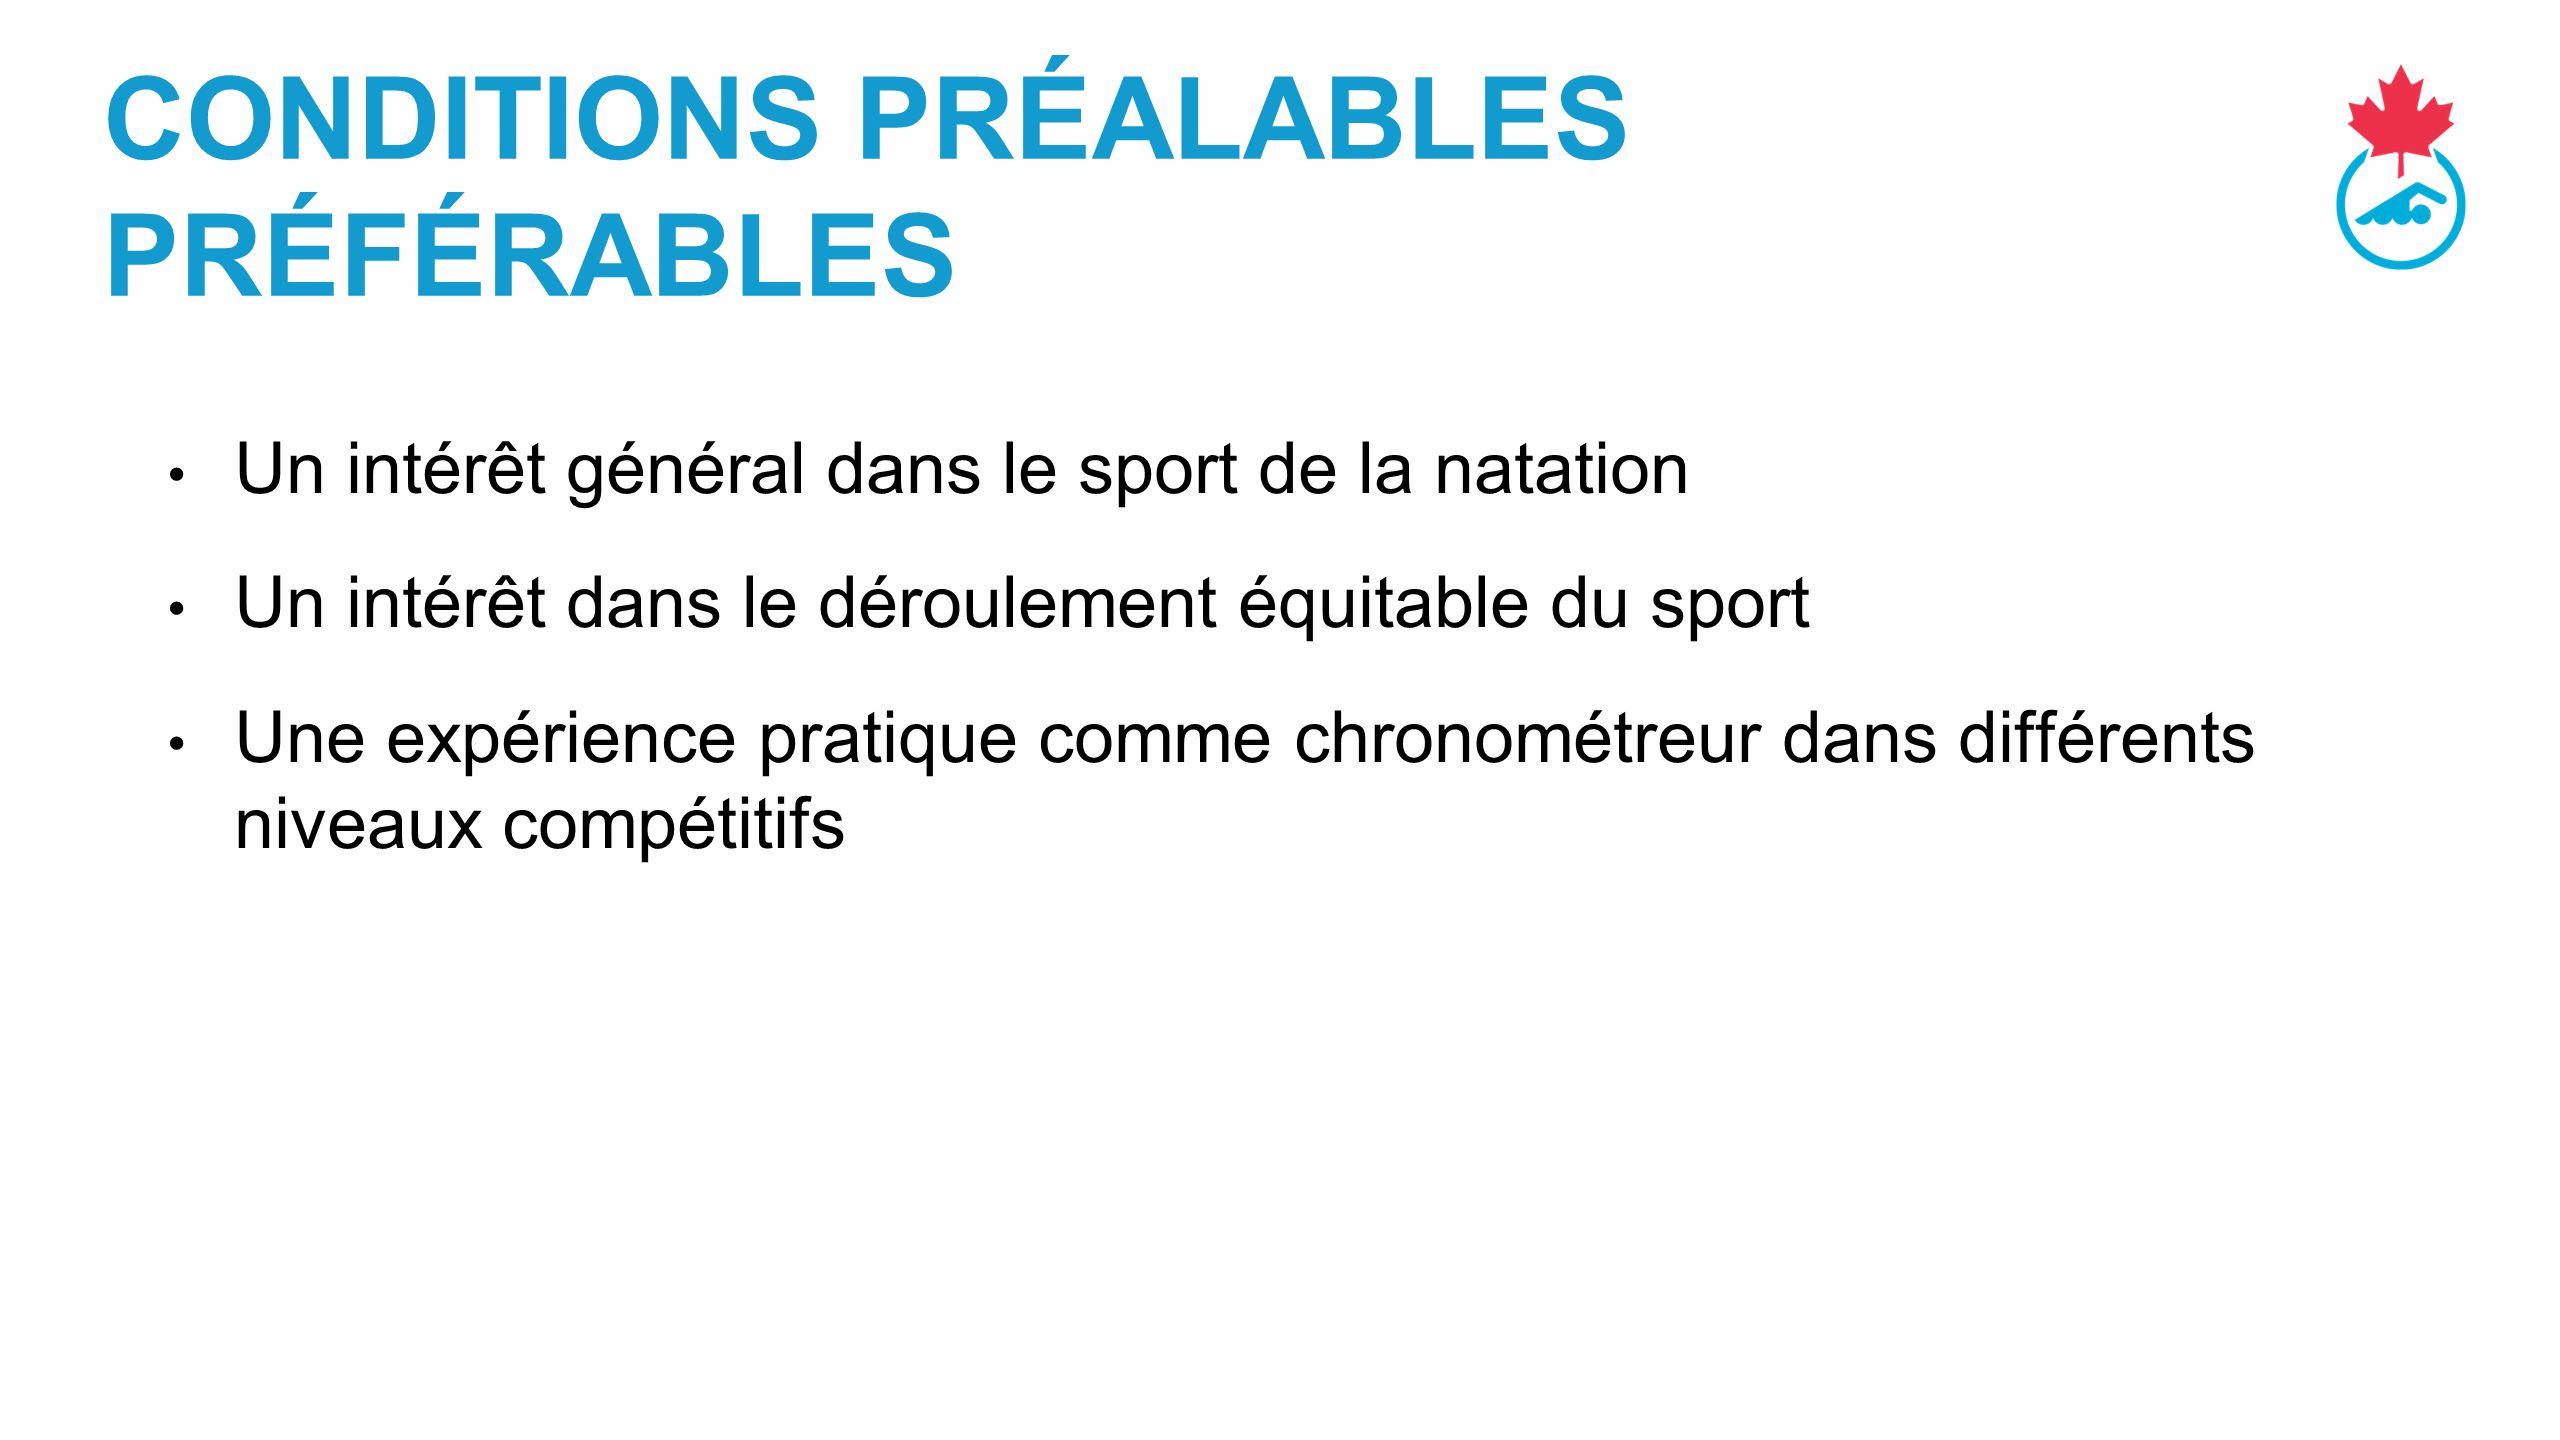 CONDITIONS PRÉALABLES PRÉFÉRABLES Un intérêt général dans le sport de la natation Un intérêt dans le déroulement équitable du sport Une expérience pratique comme chronométreur dans différents niveaux compétitifs